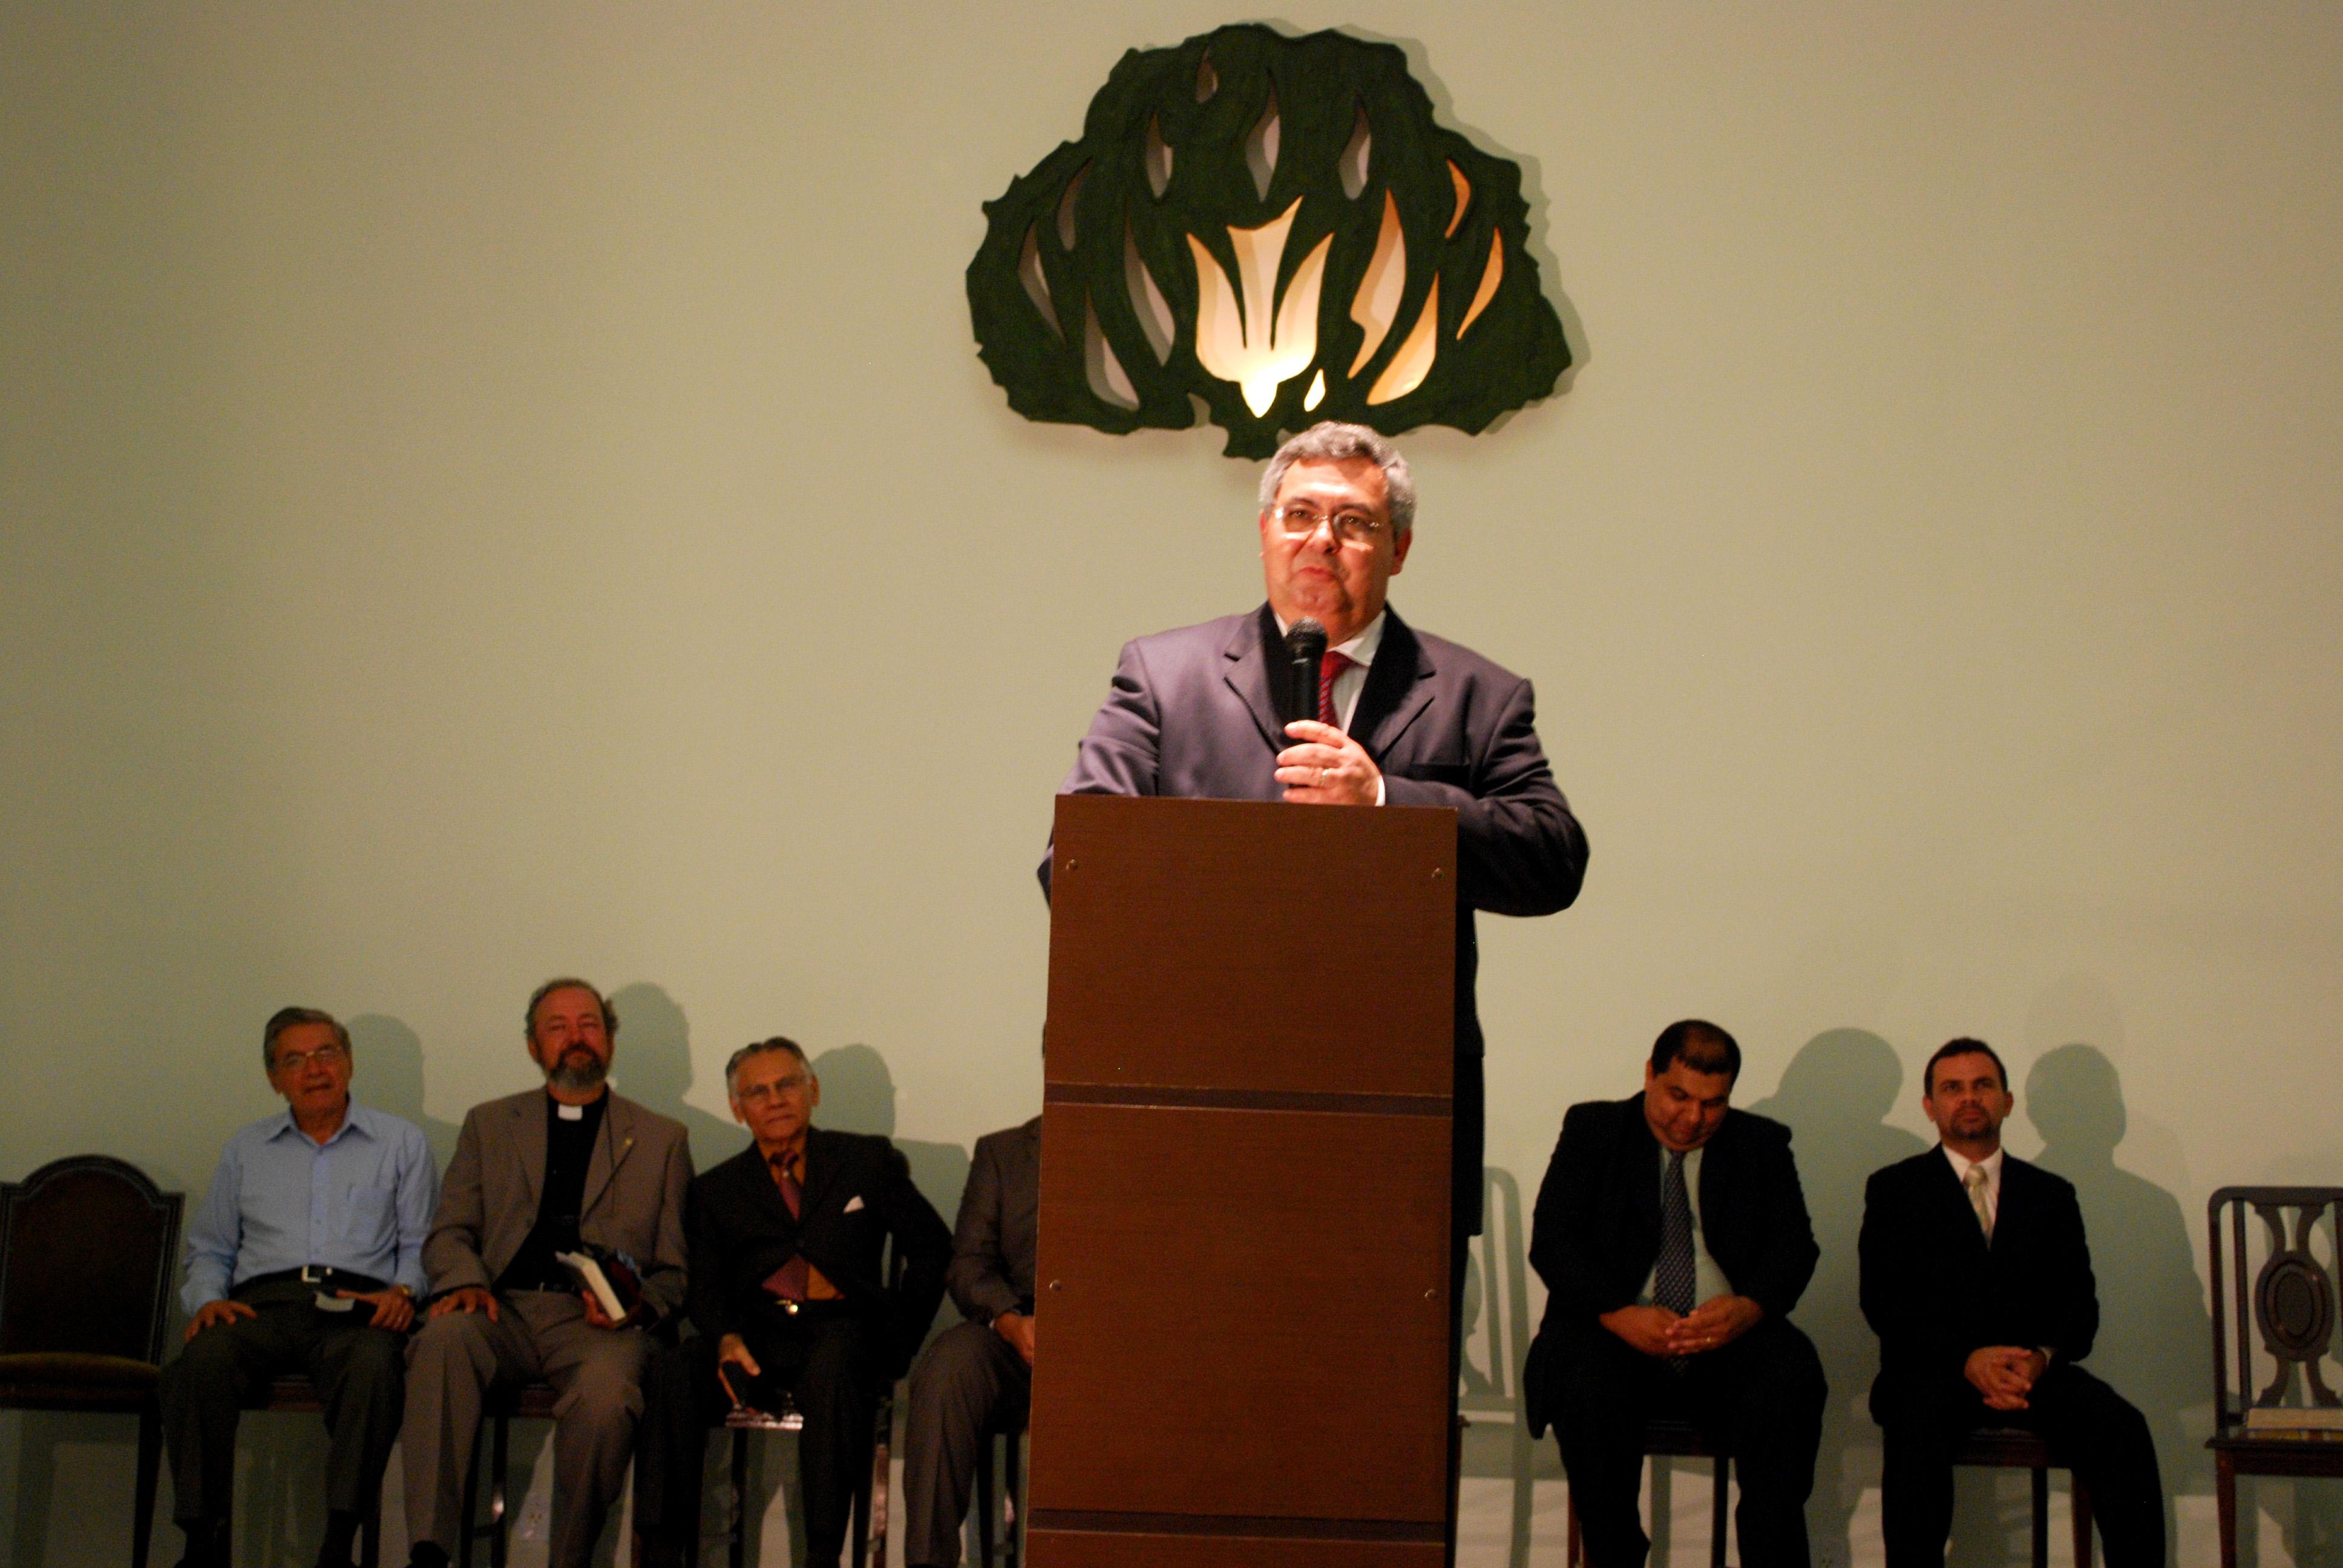 Rev. Roberto Brasileiro